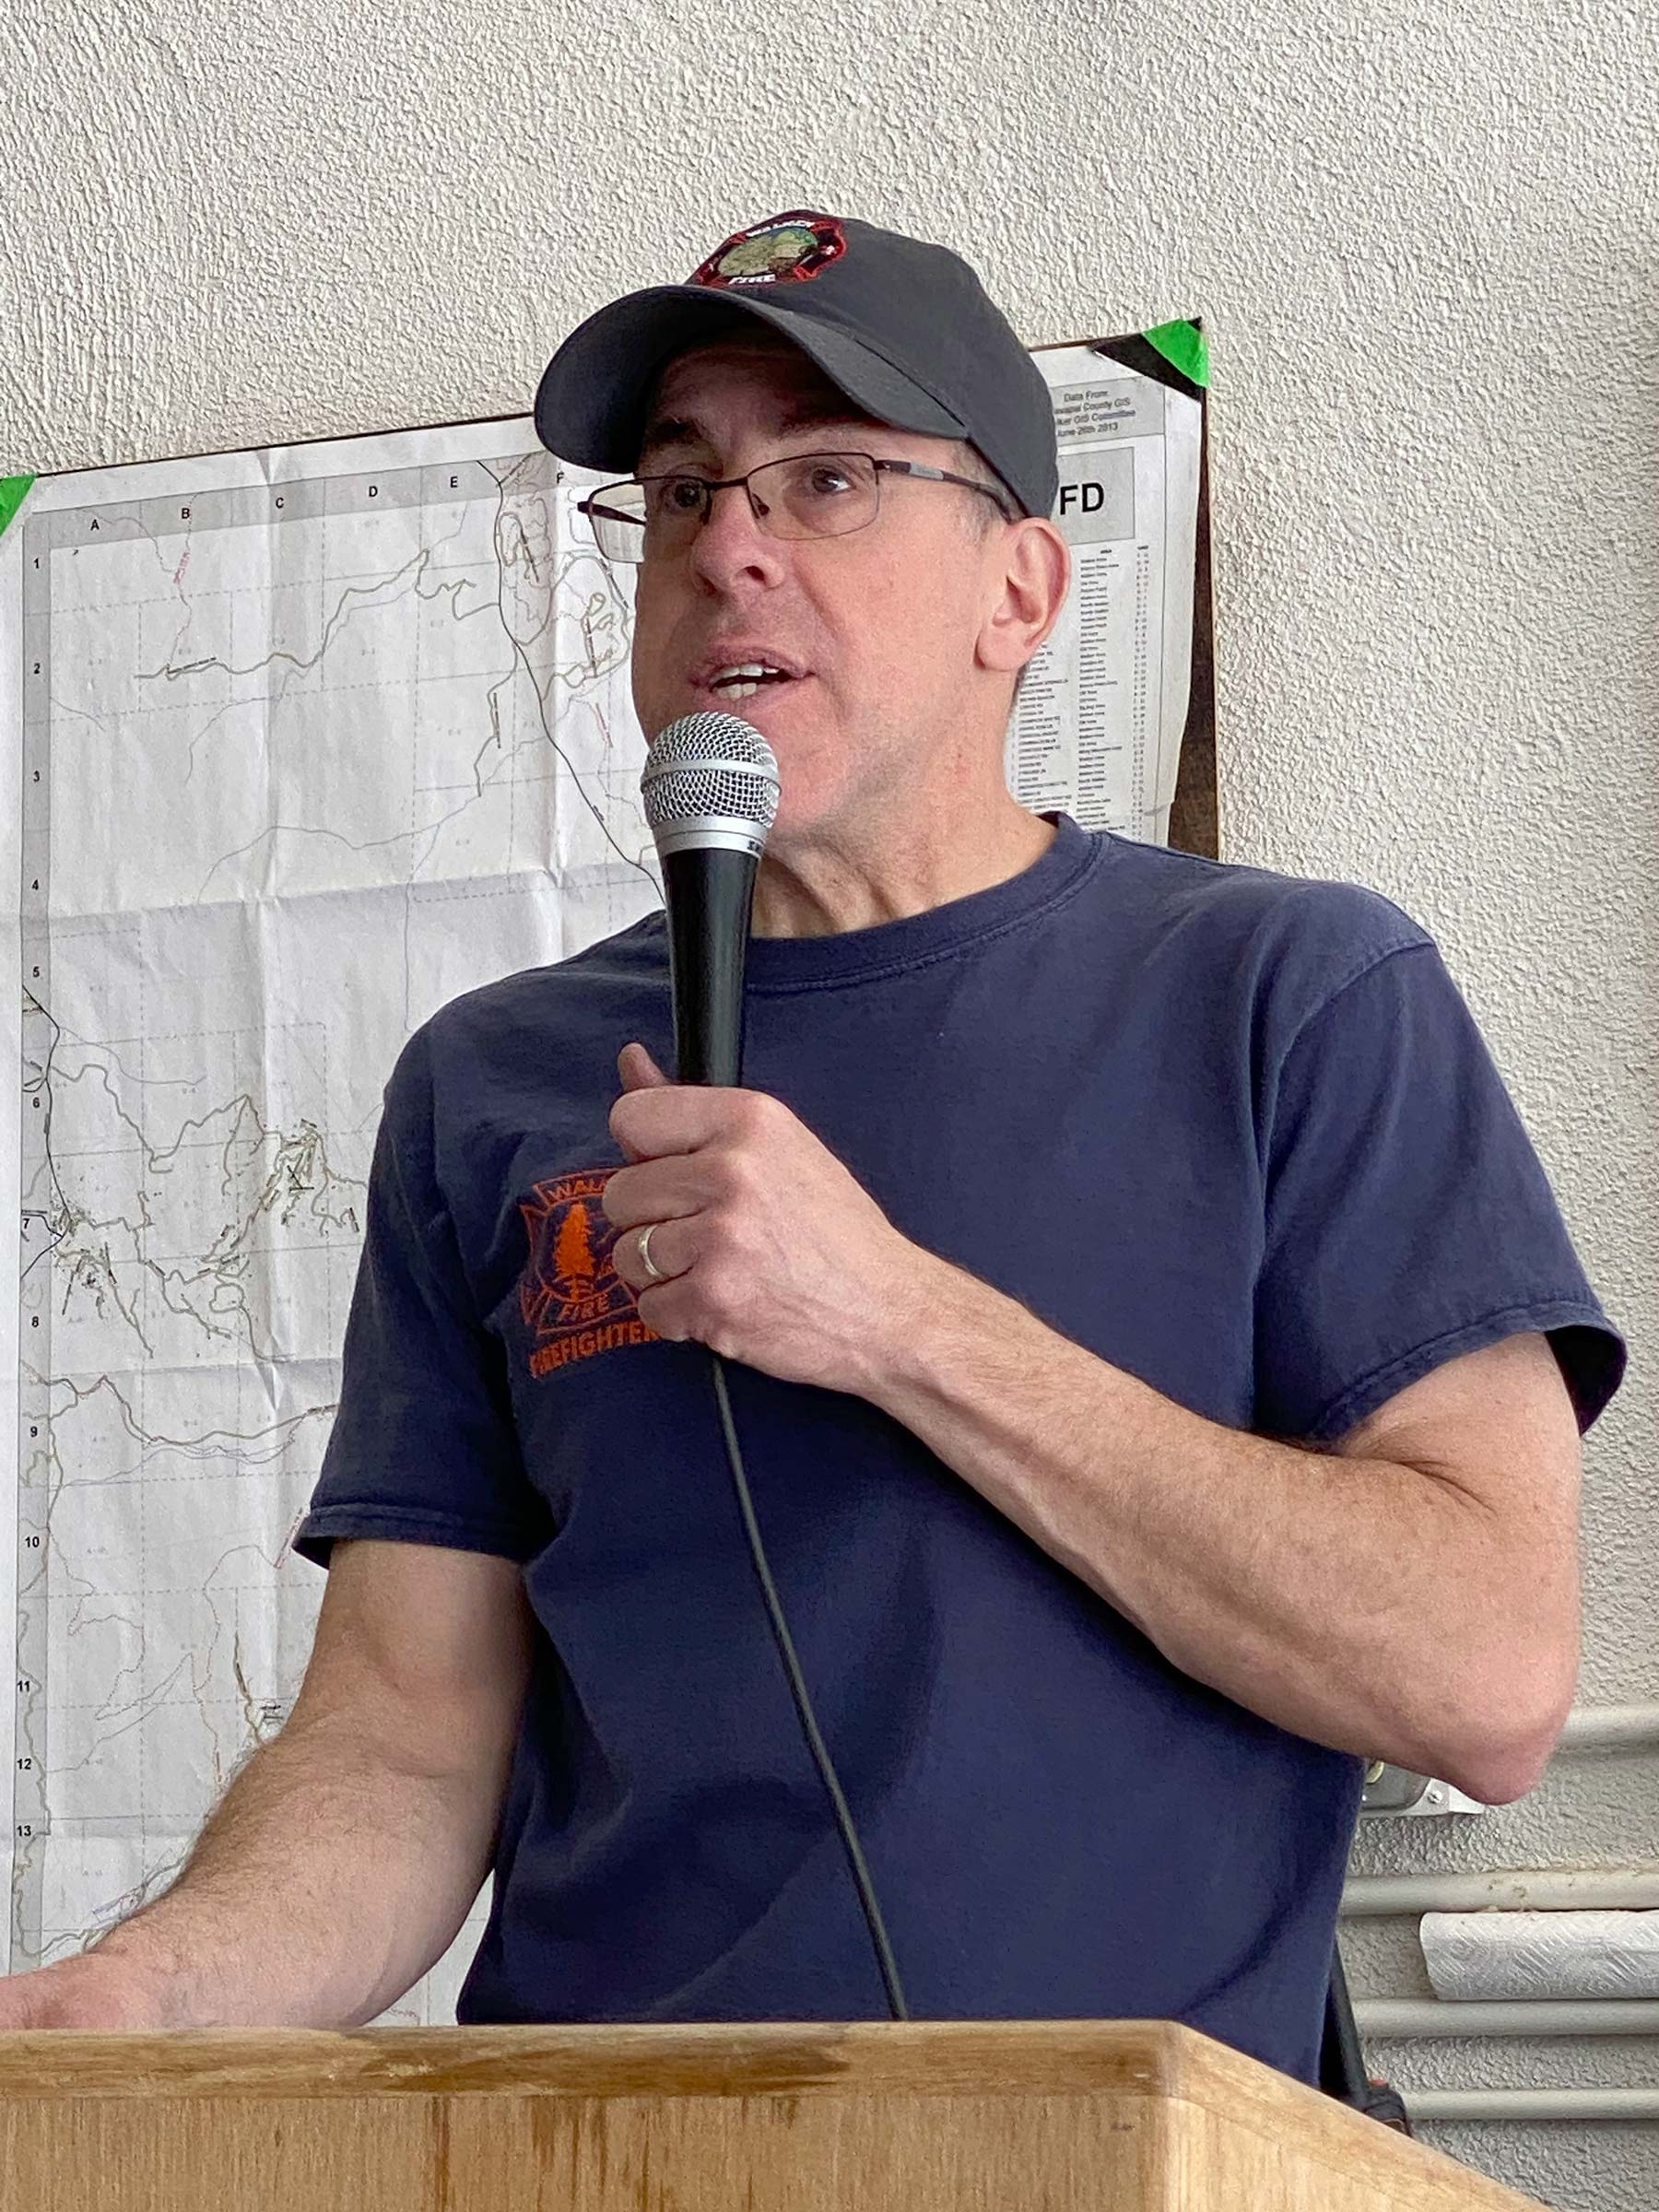 Roger Nusbaum - Fire Chief of Walker Fire Department